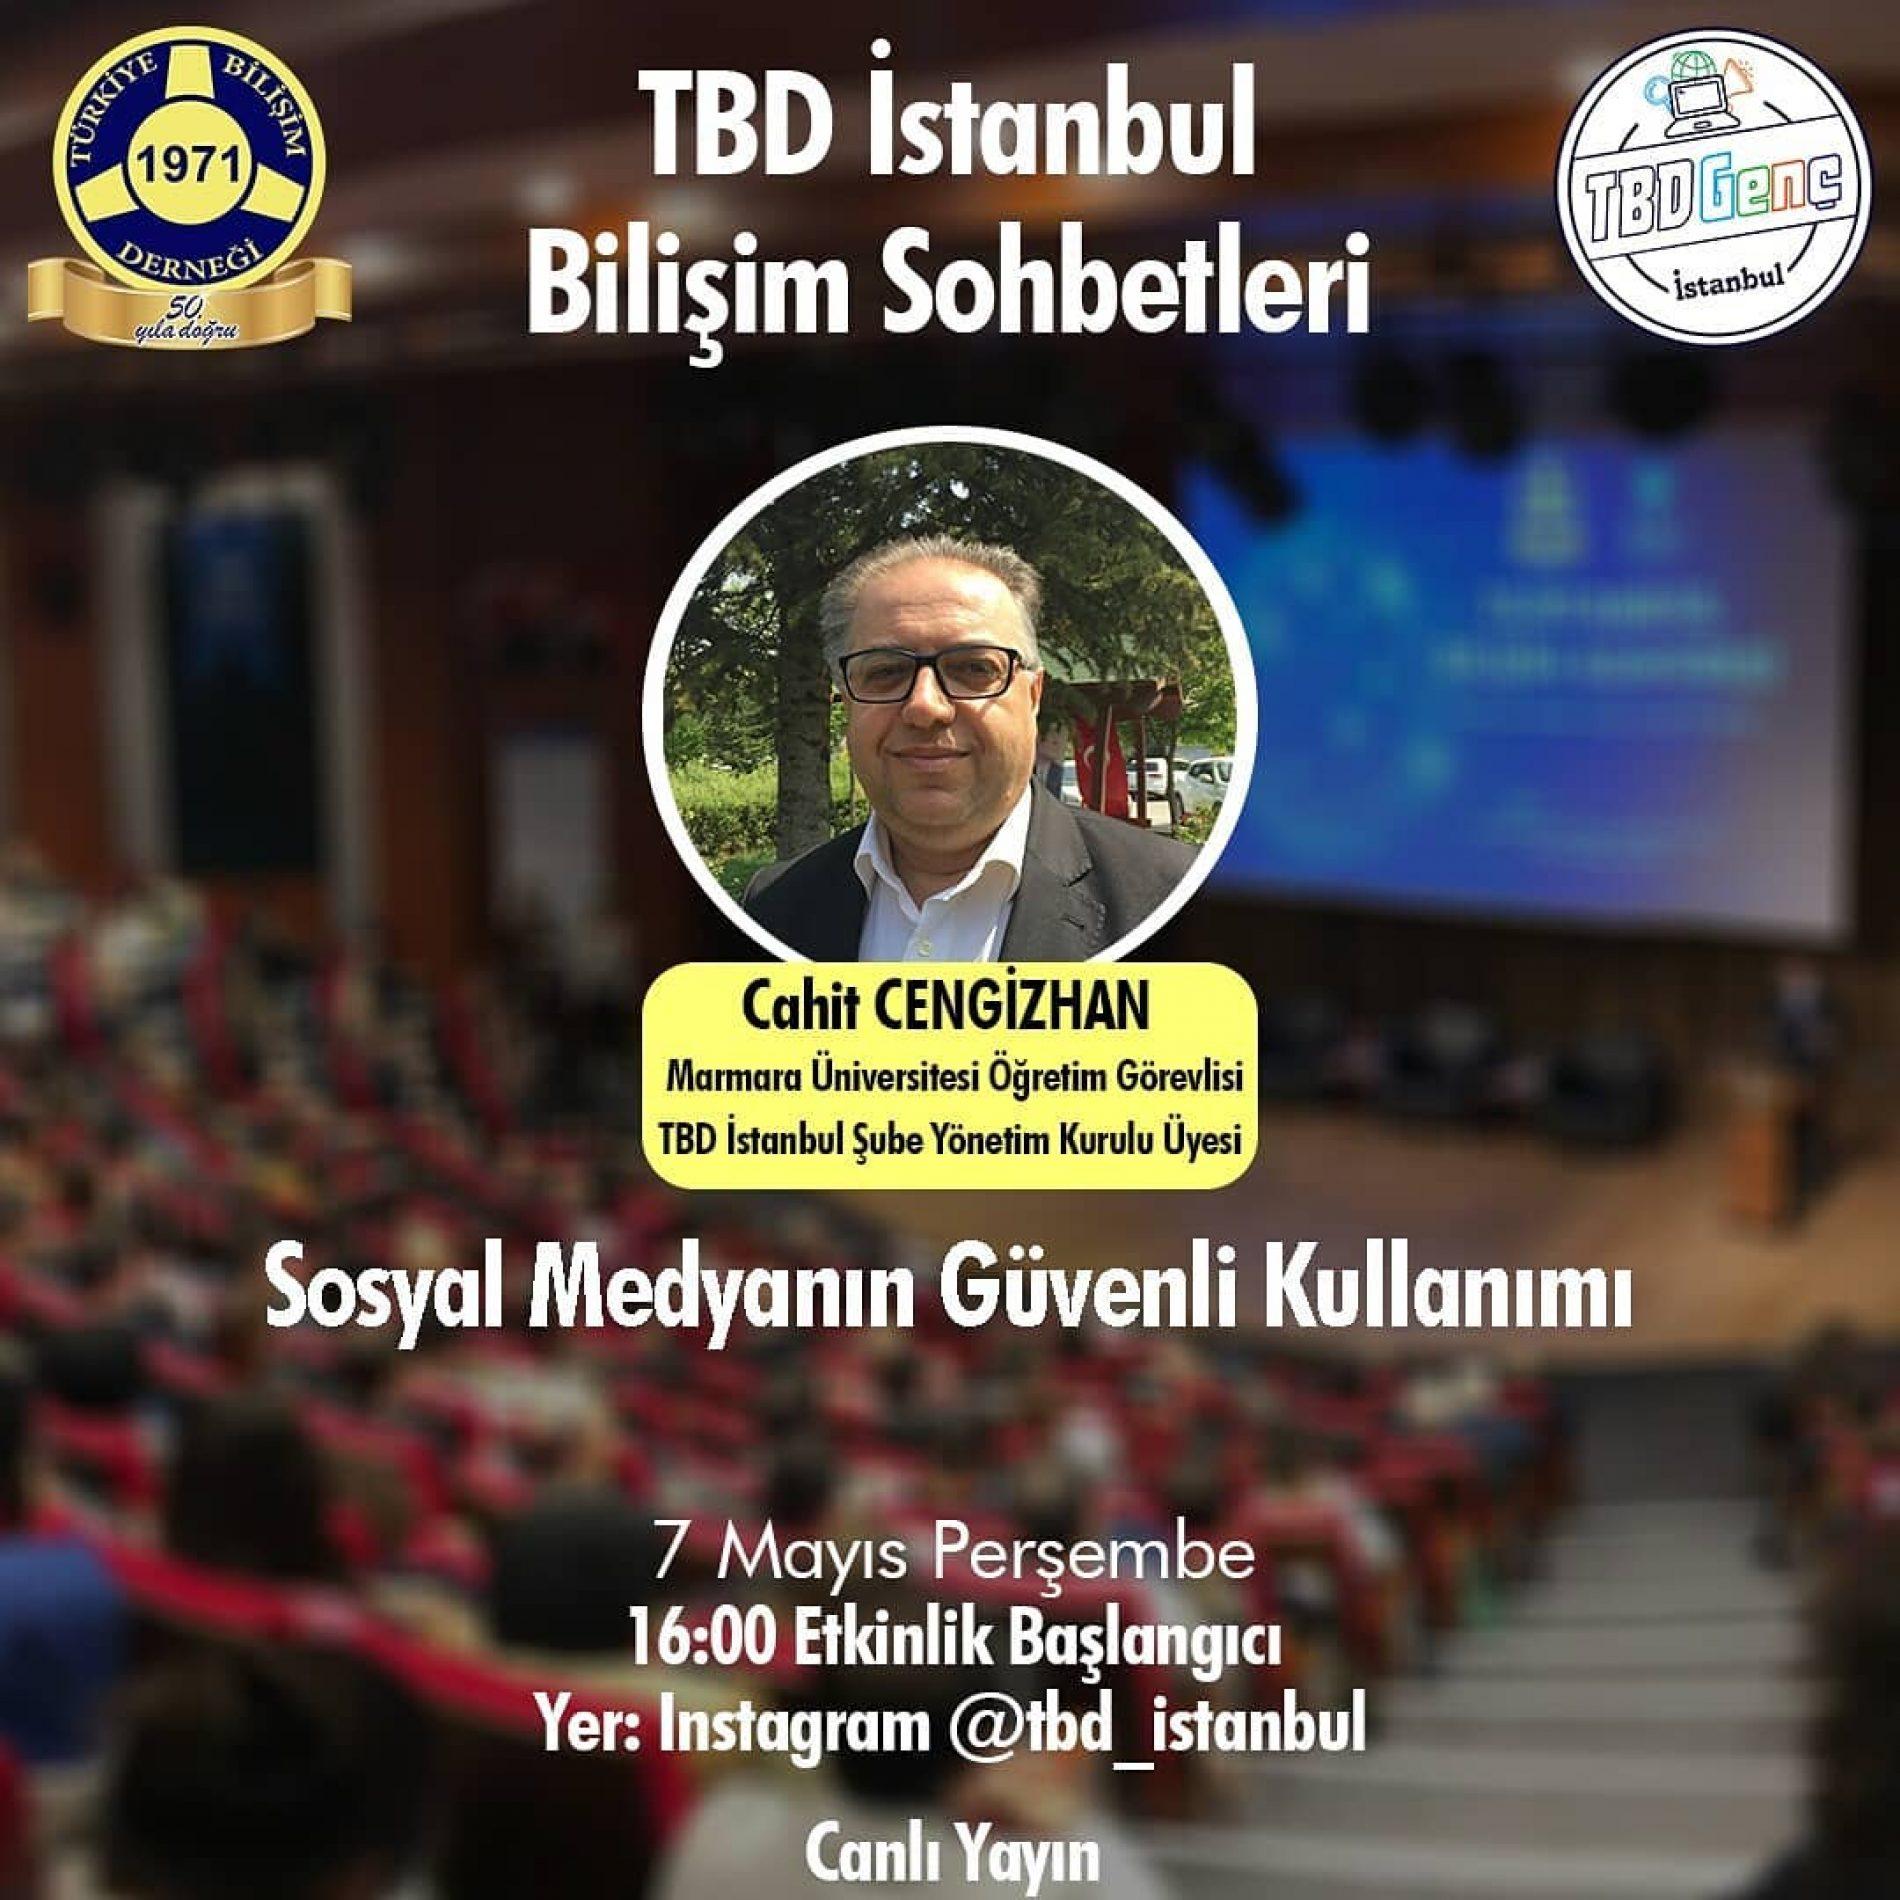 TBD İstanbul Bilişim Sohbetleri: Sosyal Medyanın Güvenli Kullanımı